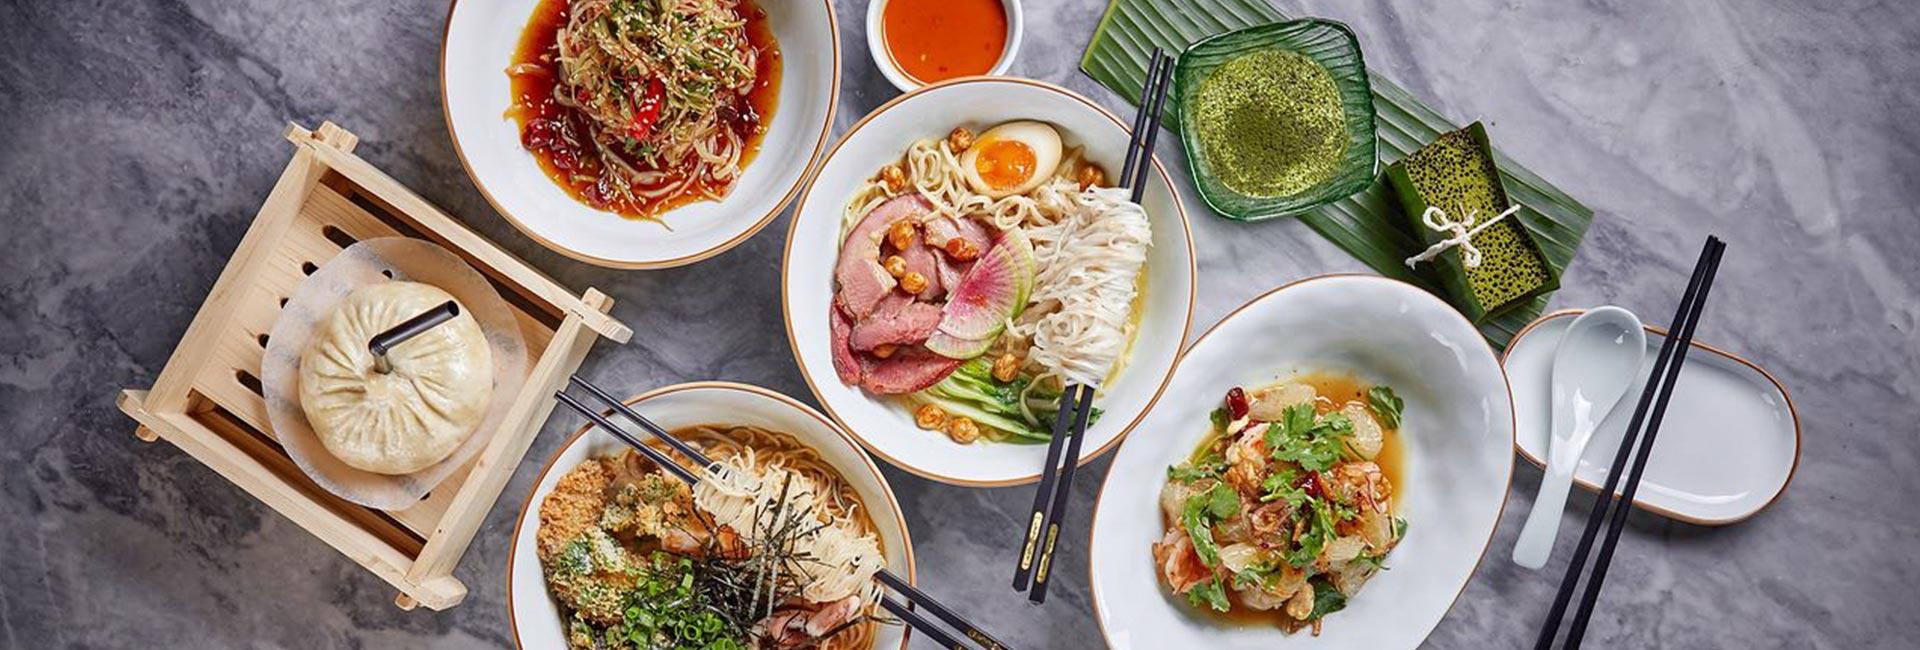 Рейтинг лучших китайских ресторанов Москвы на 2020 год